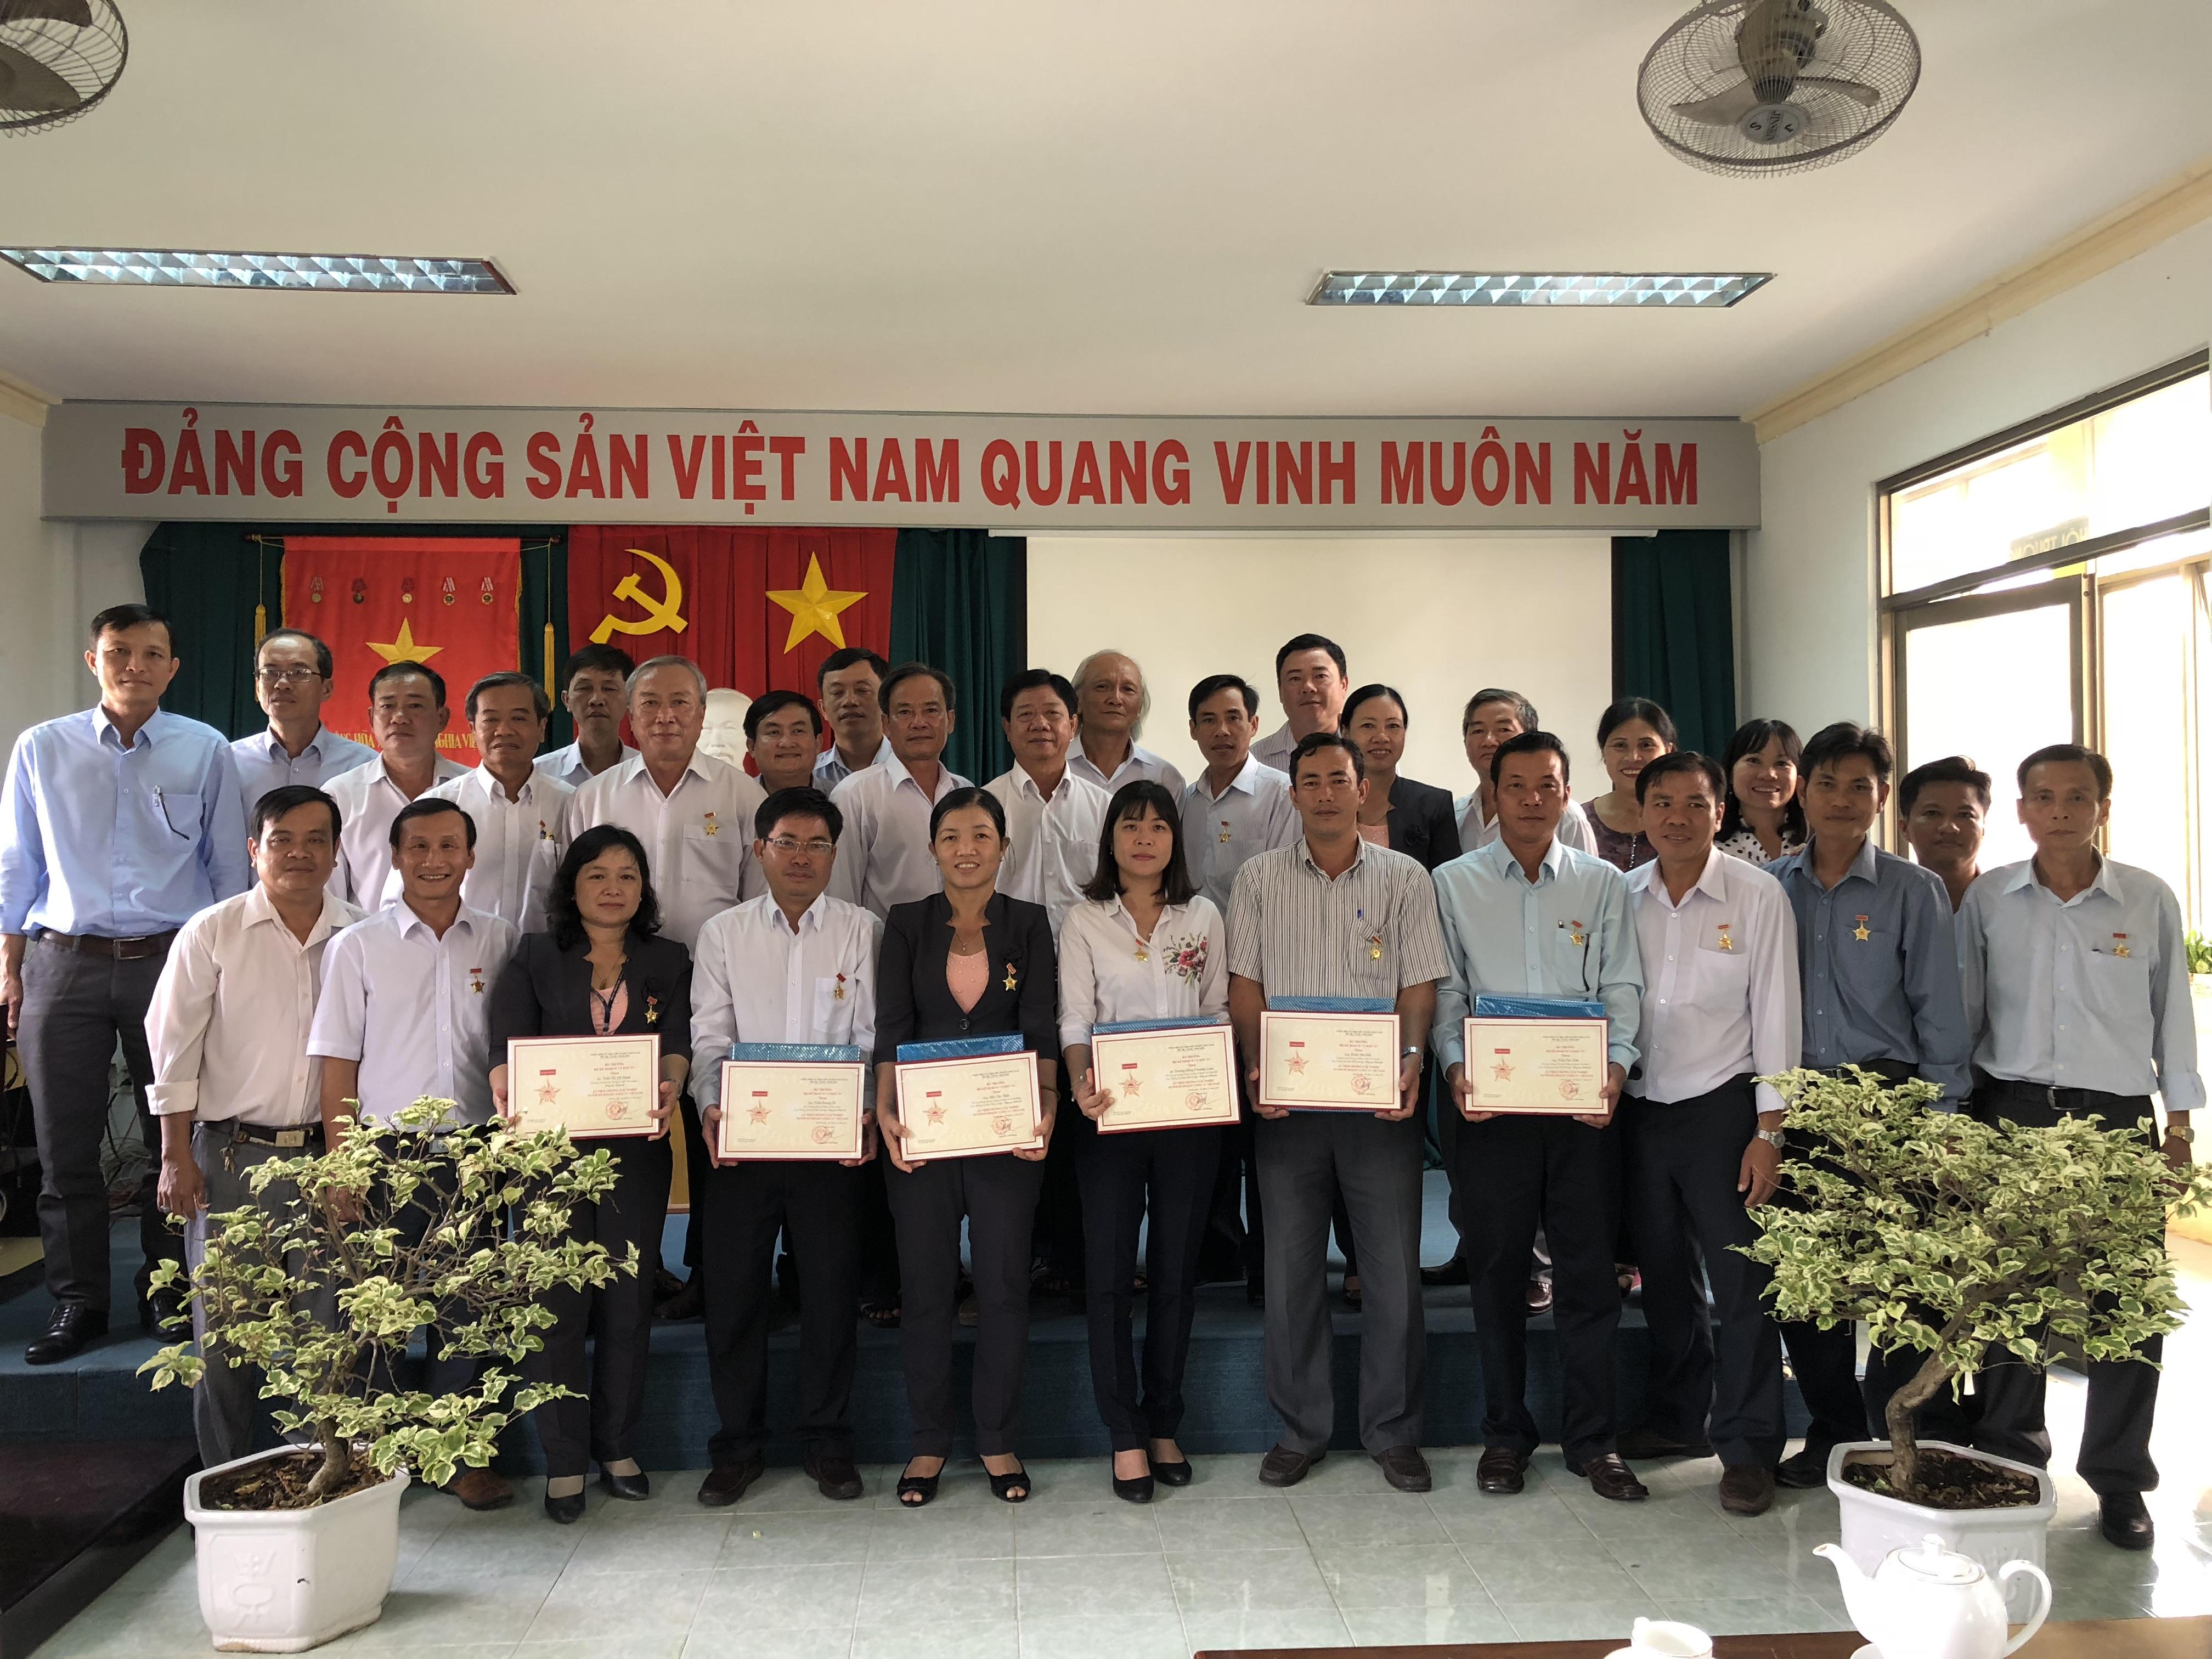 """Lễ trao tặng Kỷ niệm chương """"Vì sự nghiệp ngành Kế hoạch và Đầu tư Việt Nam"""""""